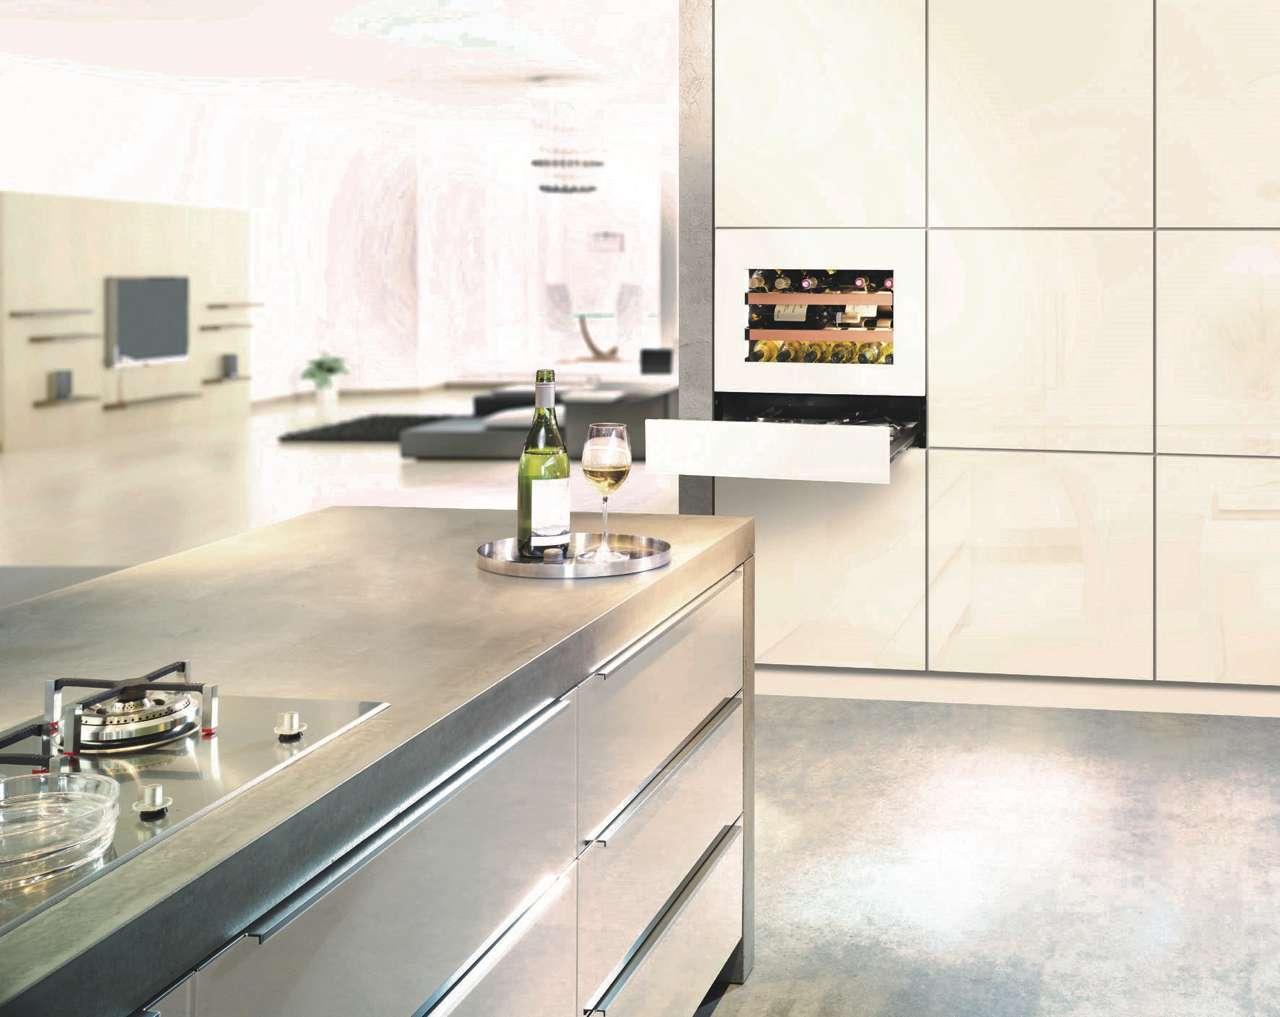 Wunderbar Klassische Küchen Arlington Va Fotos - Ideen Für Die Küche ...